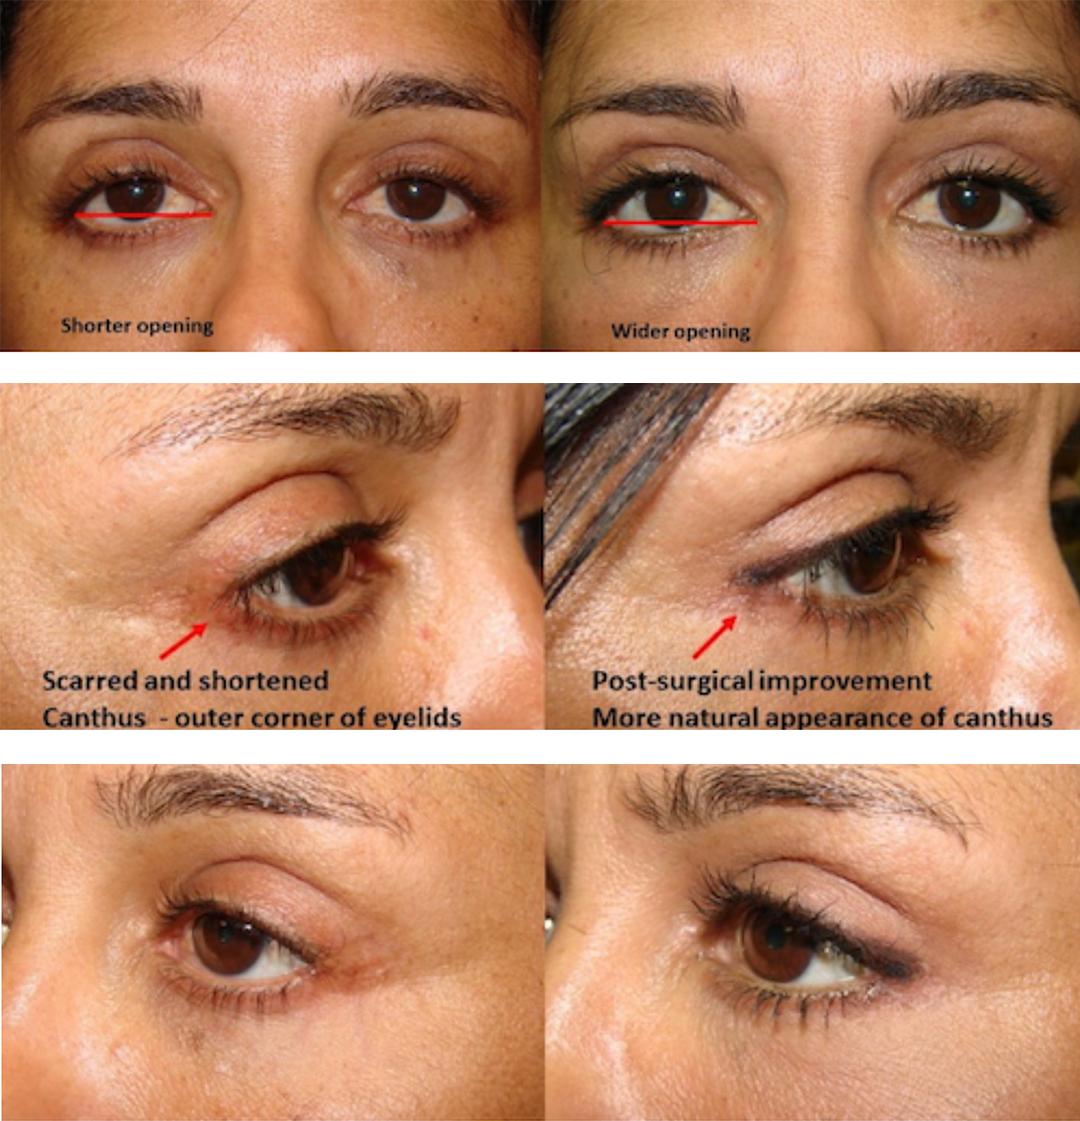 Canthoplasty With Horizontal Eyelid Lengthening